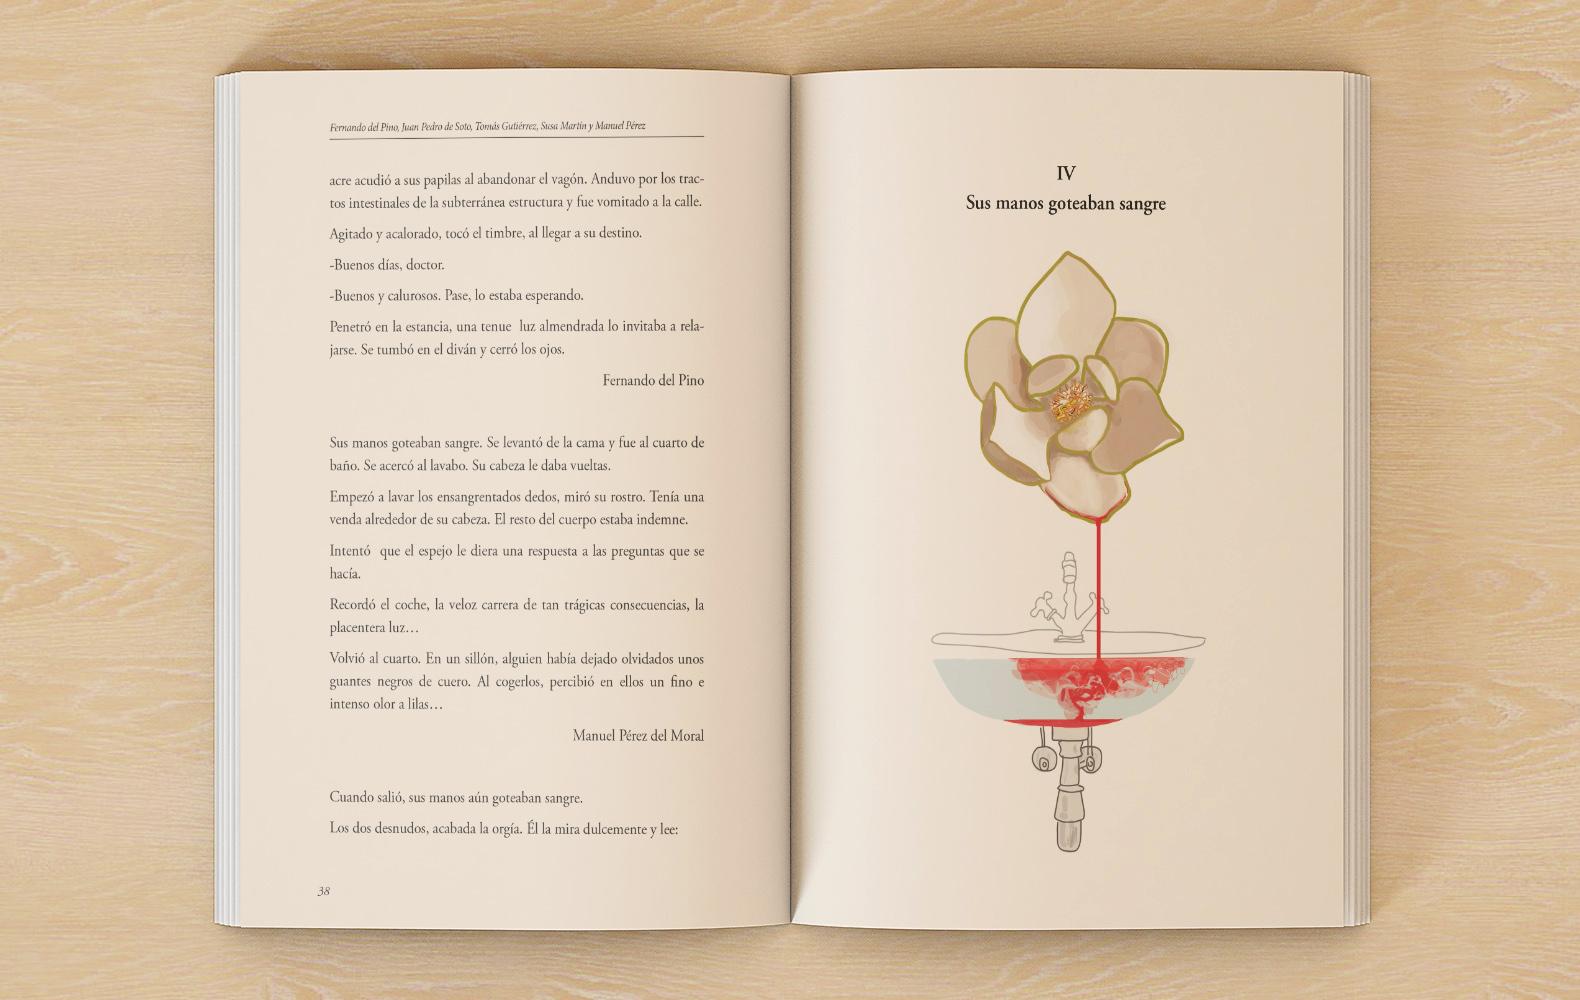 bliblioteca vélez de guevara libro abierto3